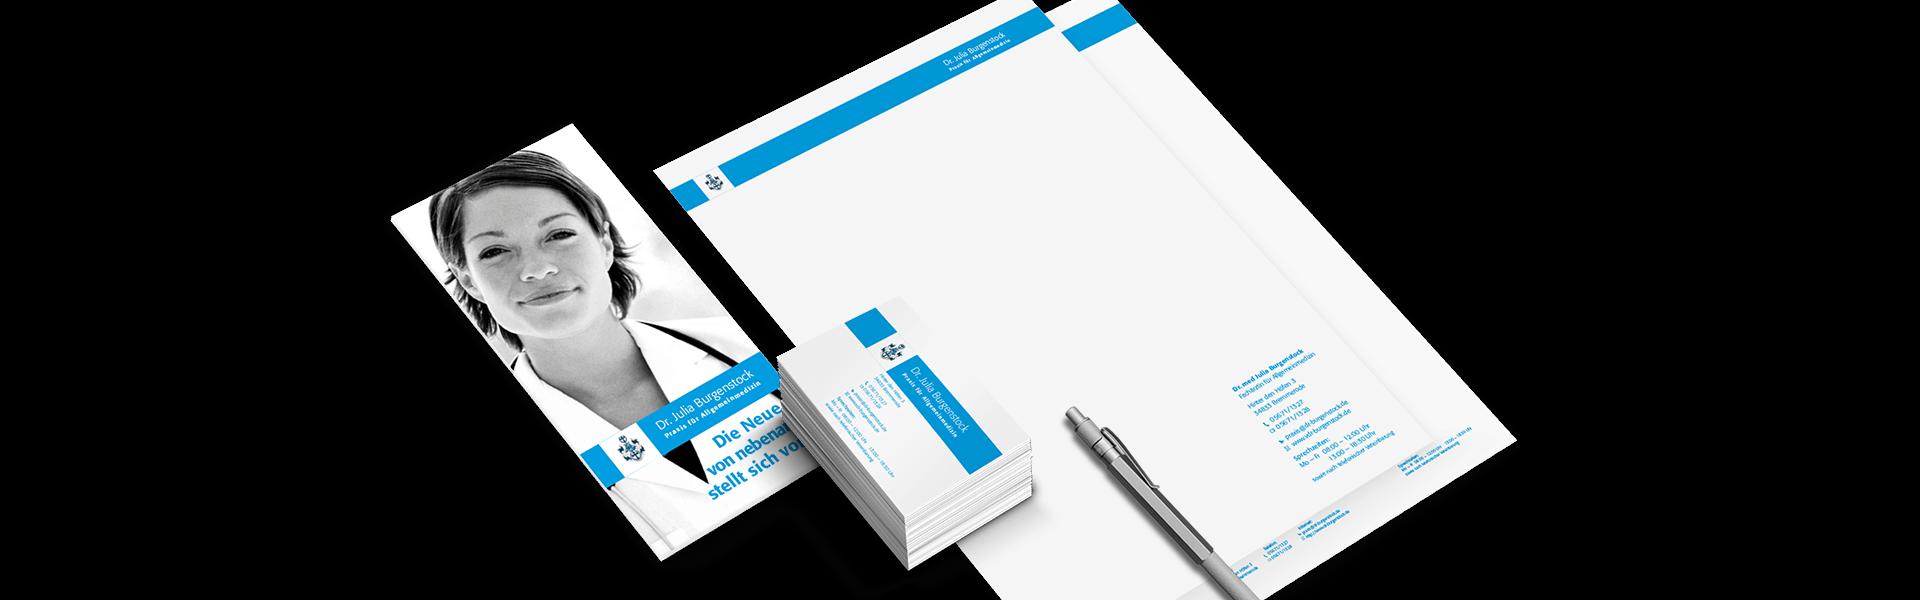 Printprodukte für Ihr Praxismarketing